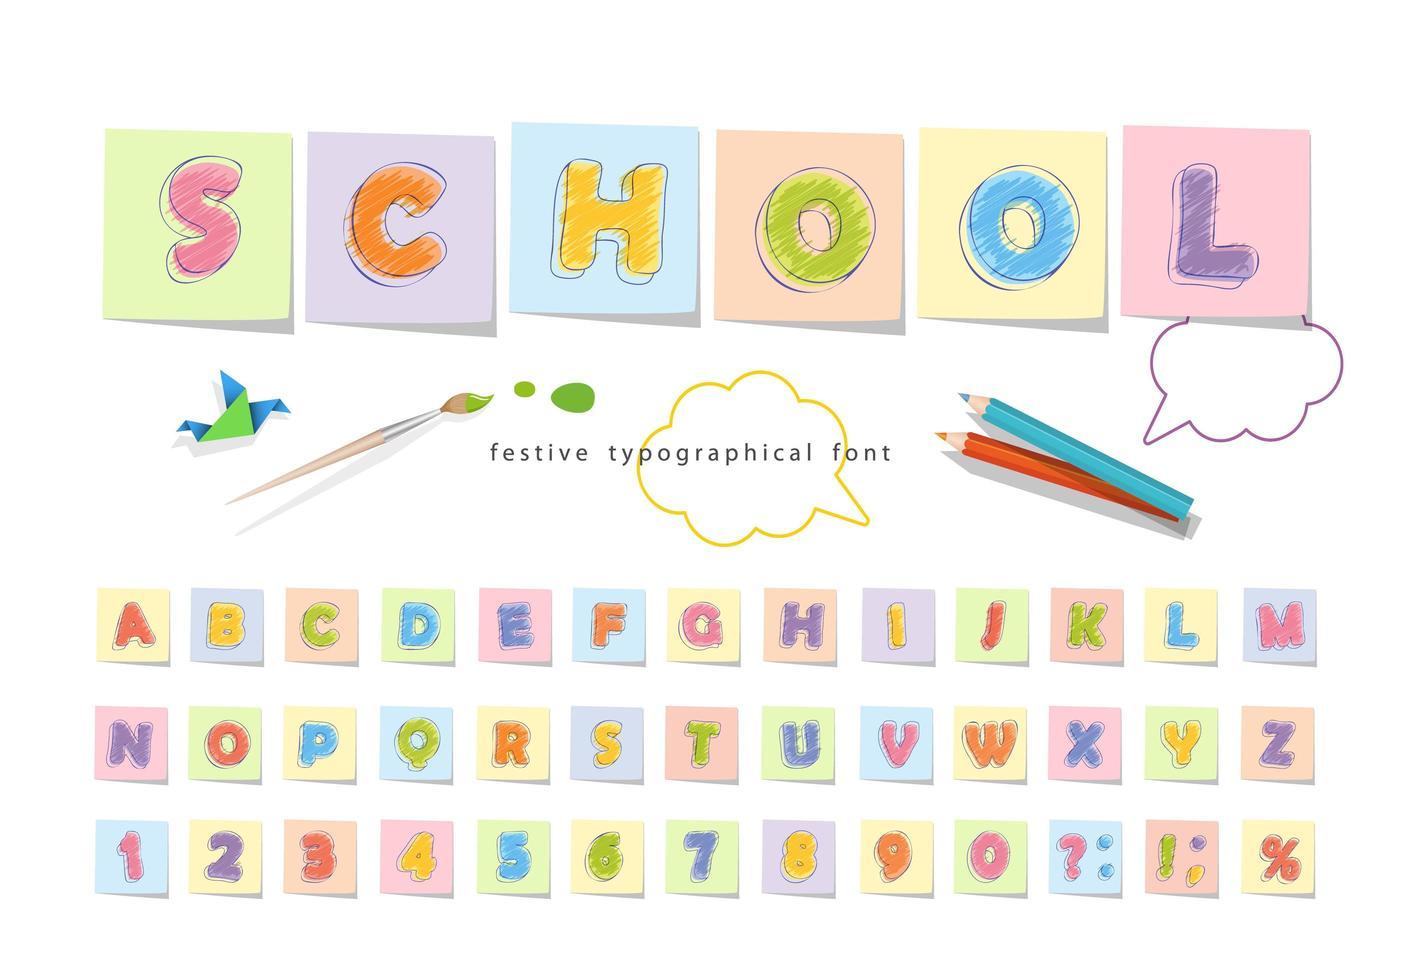 crayon crayon police pour les enfants vecteur